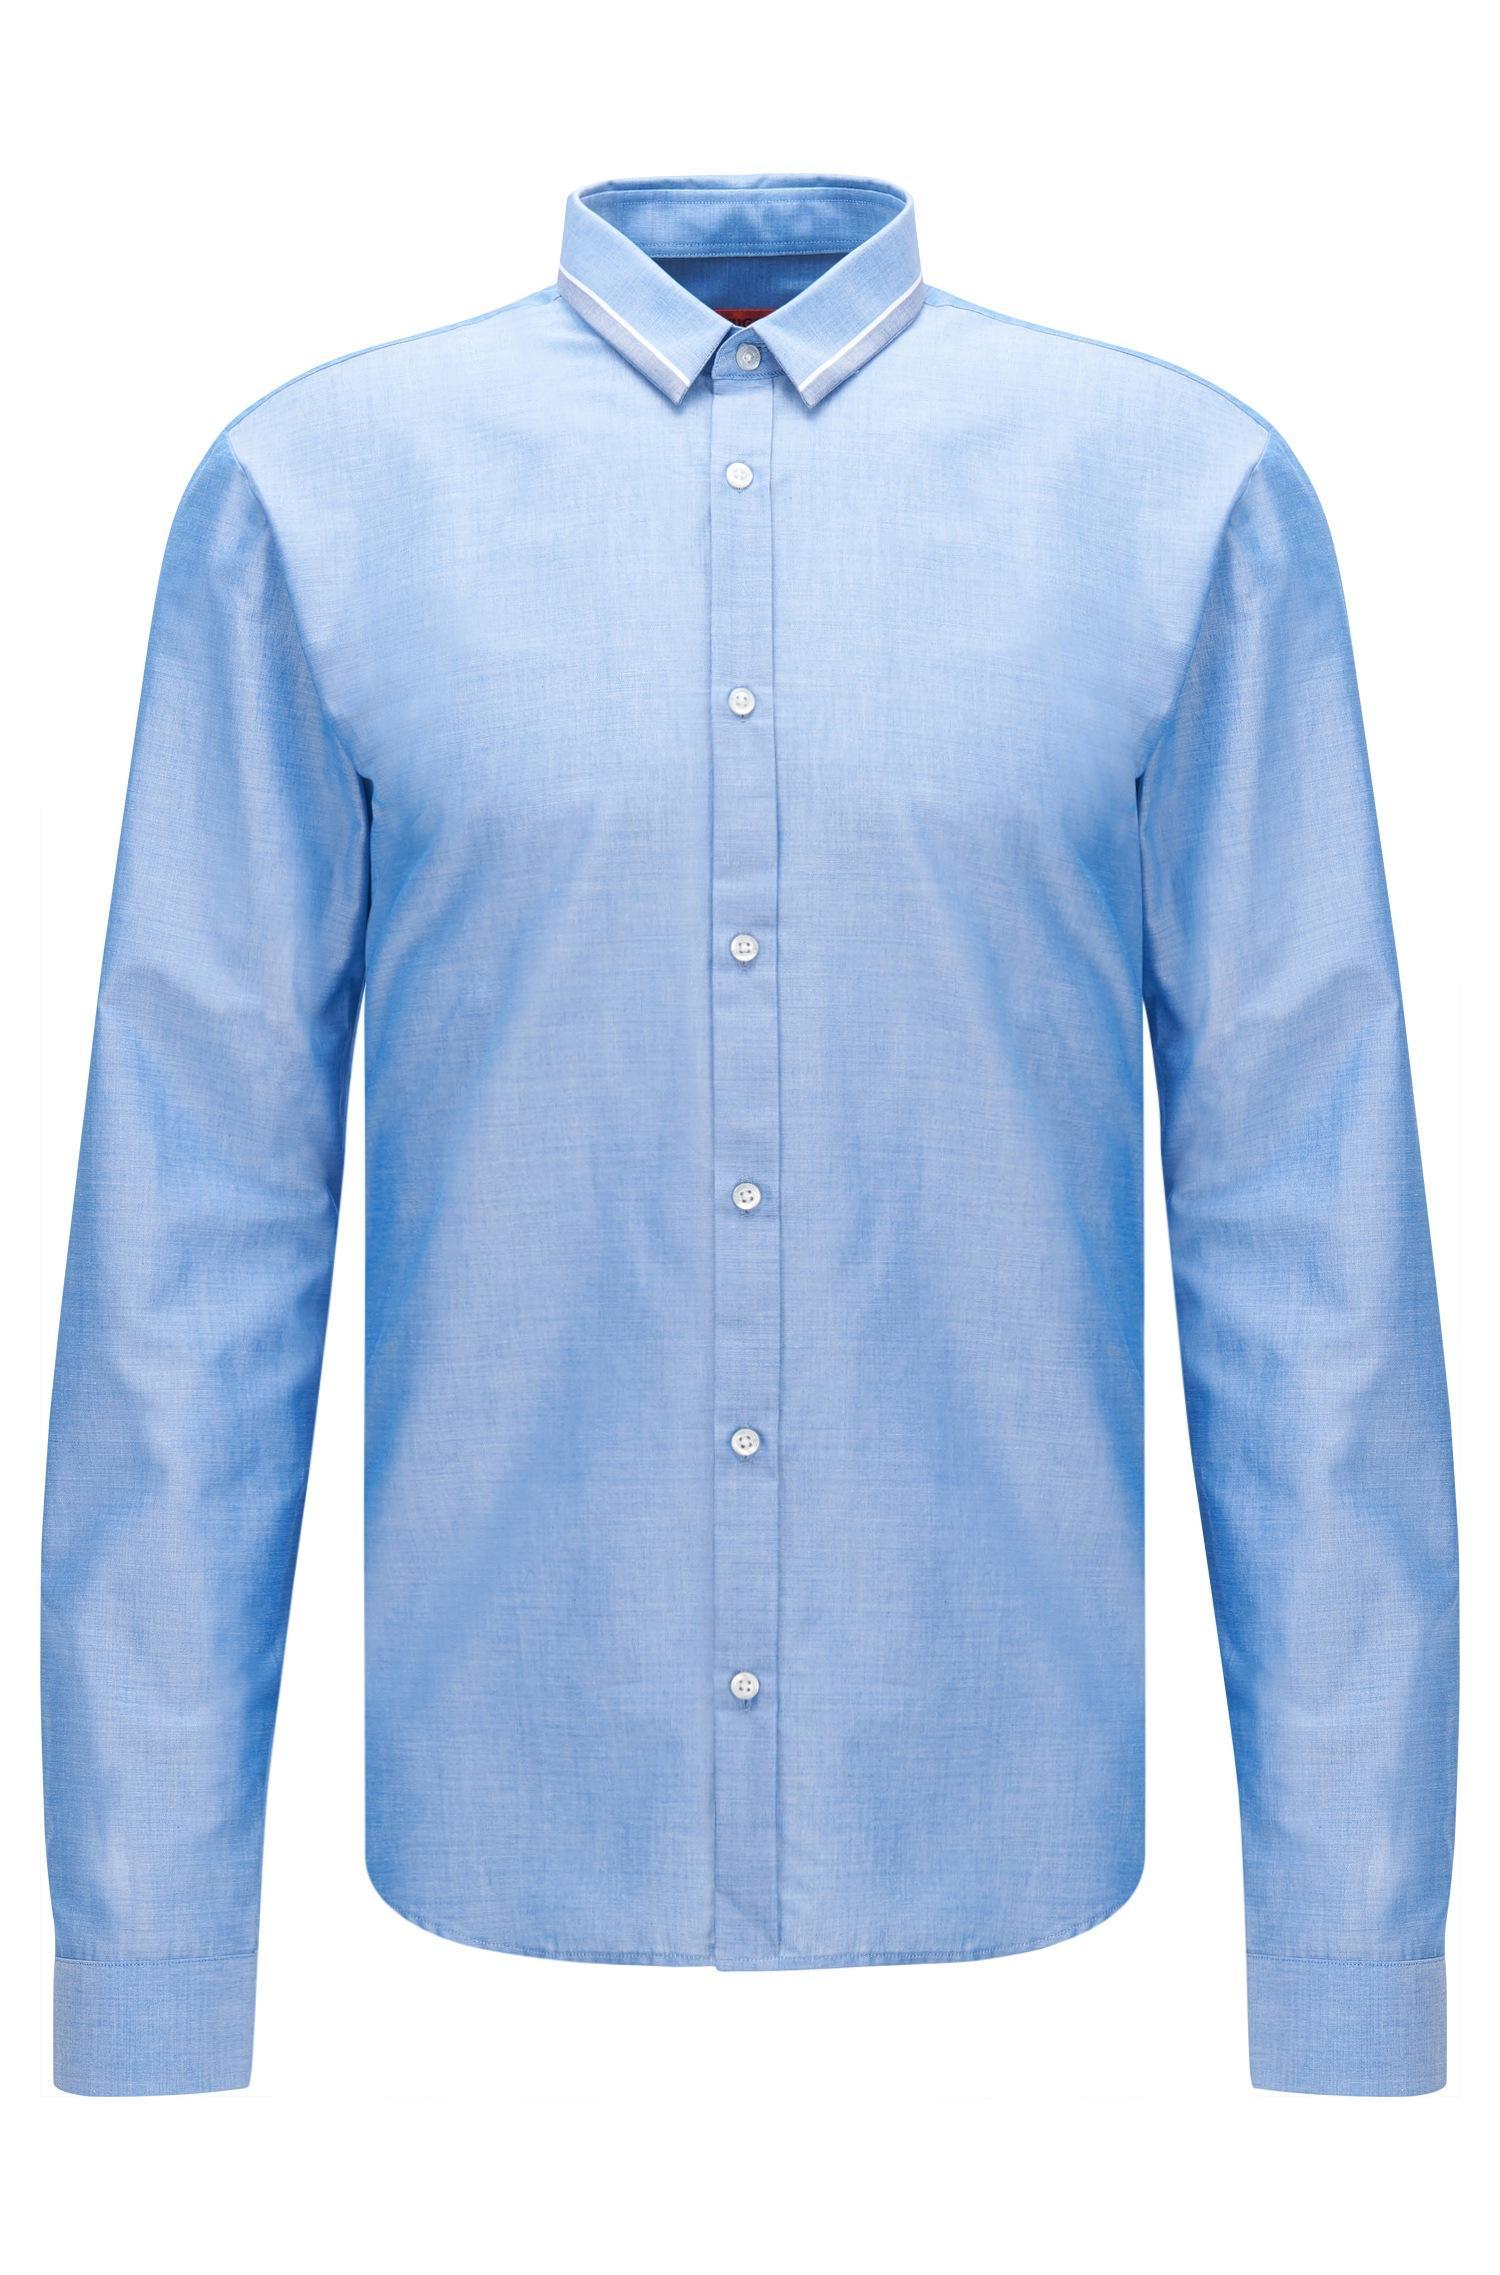 Hugo 39 ero 39 slim fit cotton striped button down shirt in for Striped button down shirts for men